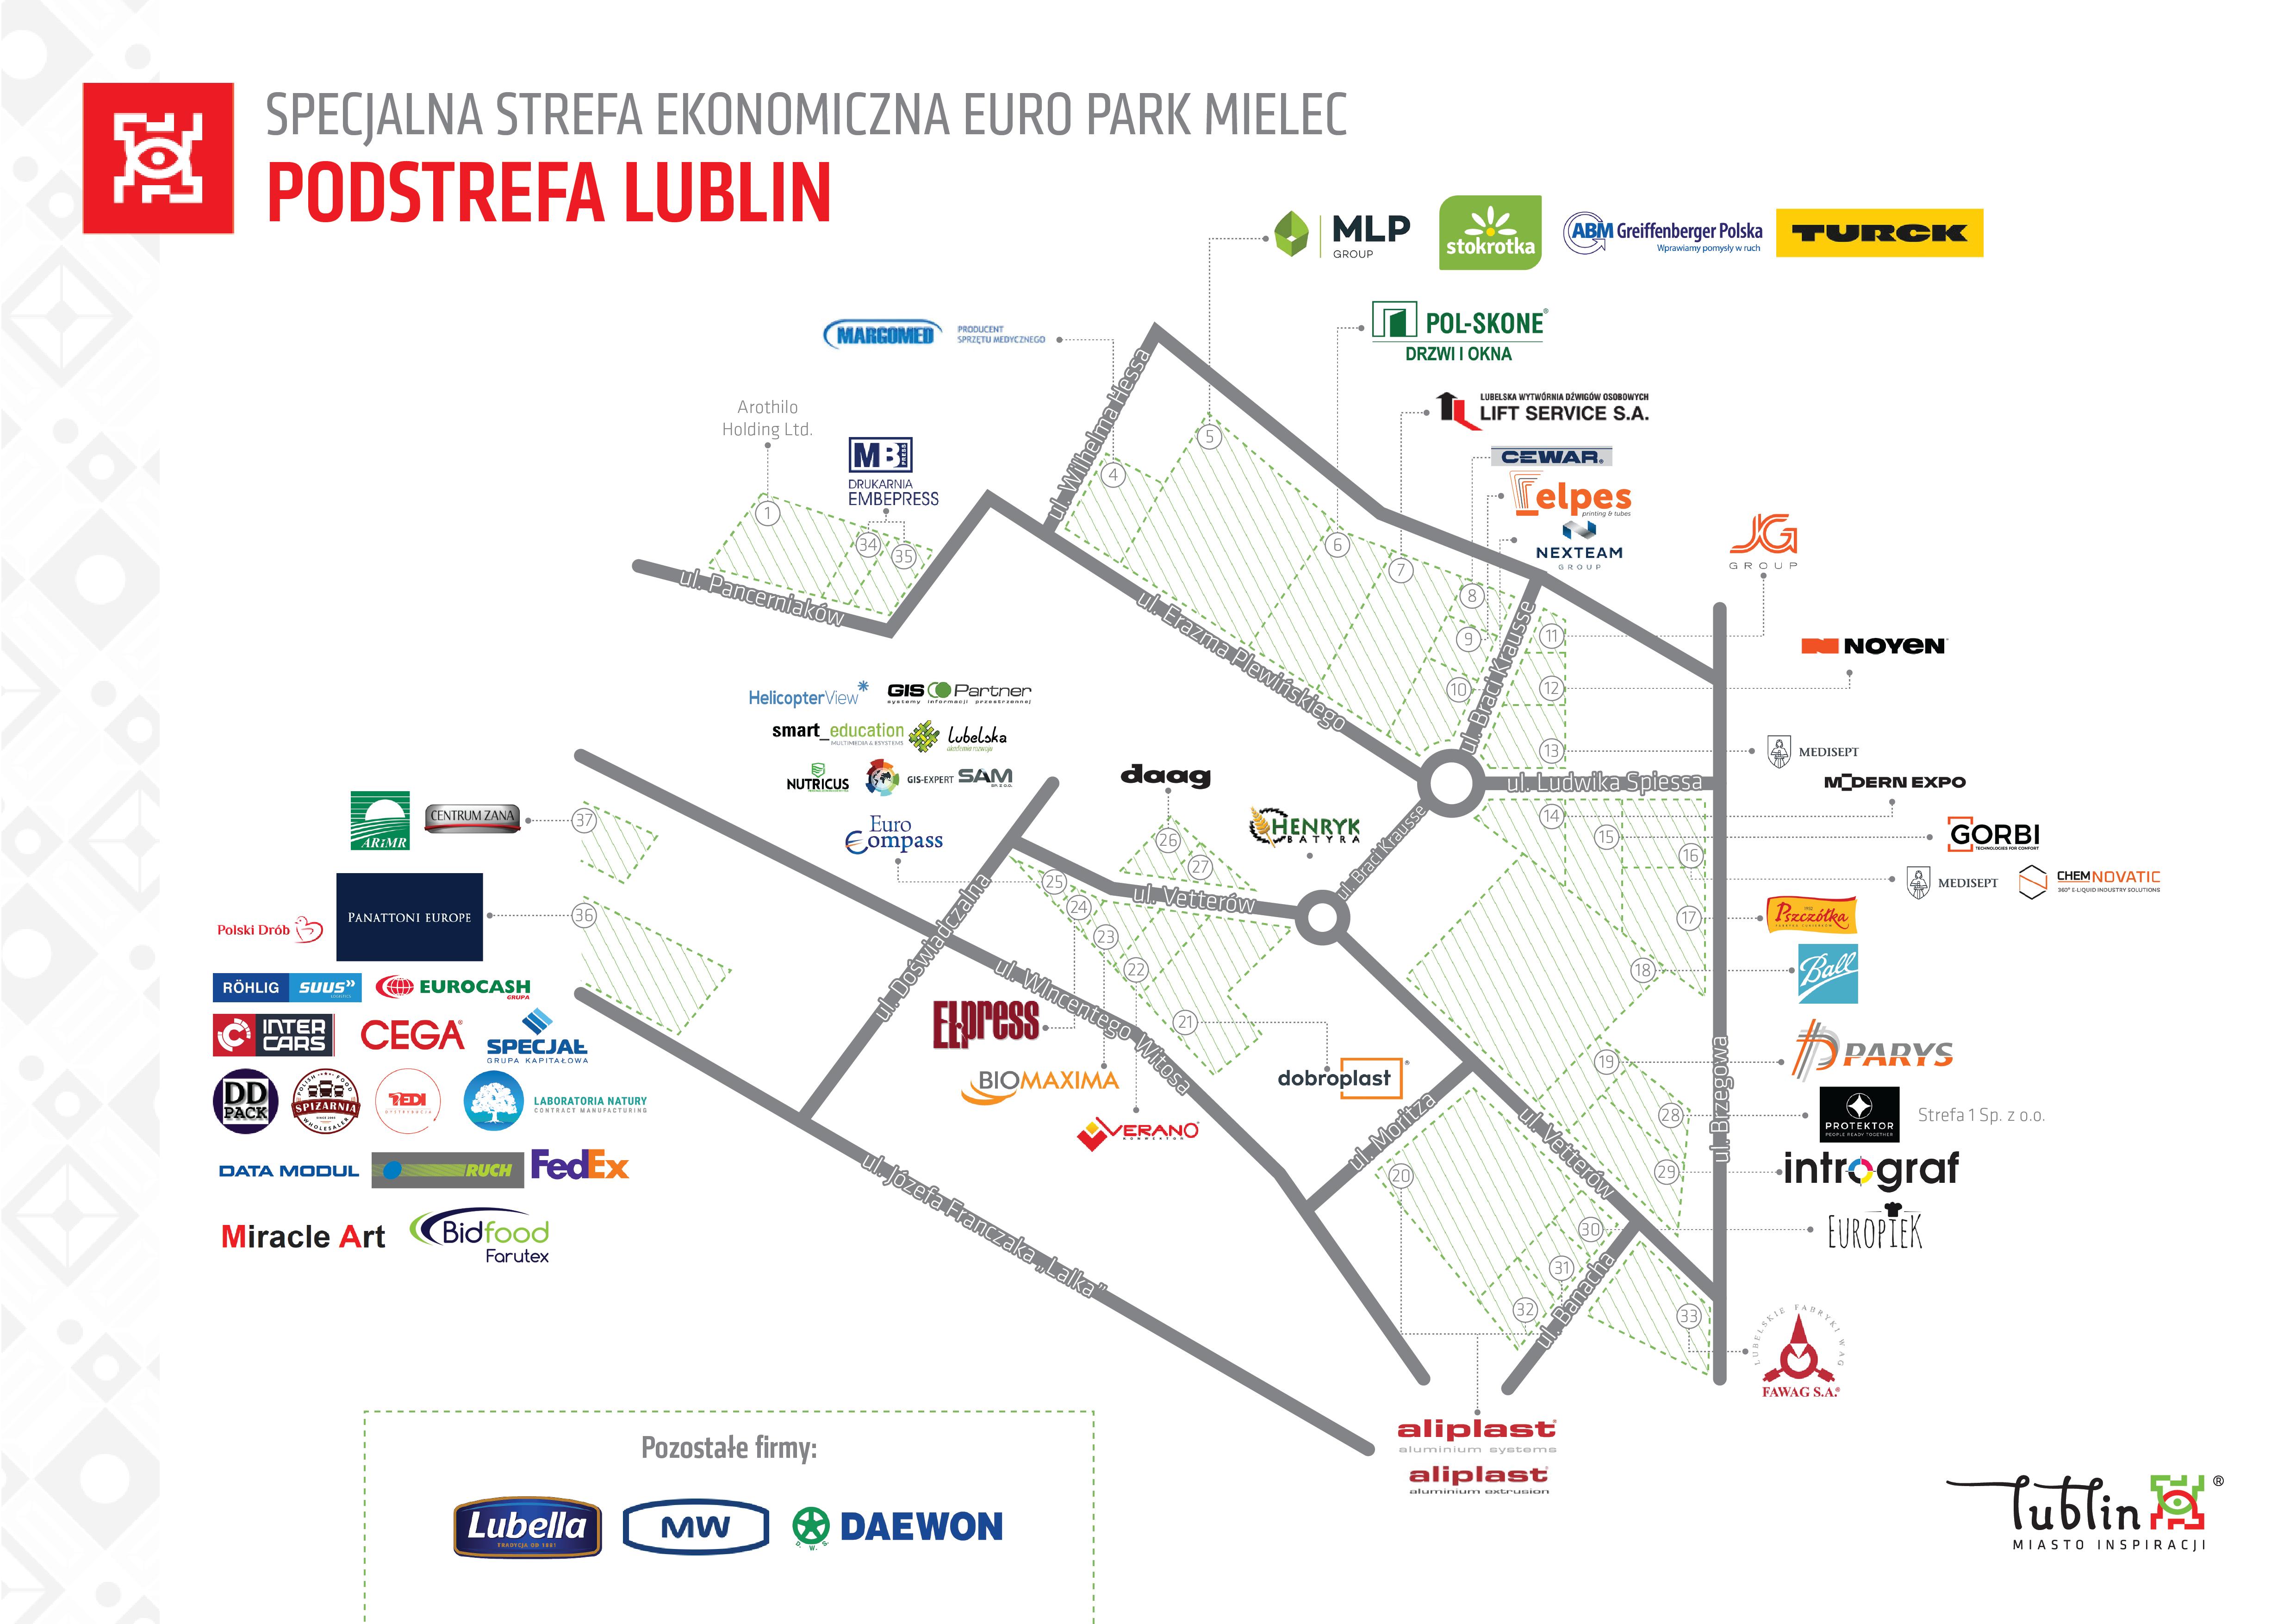 Mapa Specjalna strefa ekonomiczna Euro Park Mielec - Podstrefa Lublin